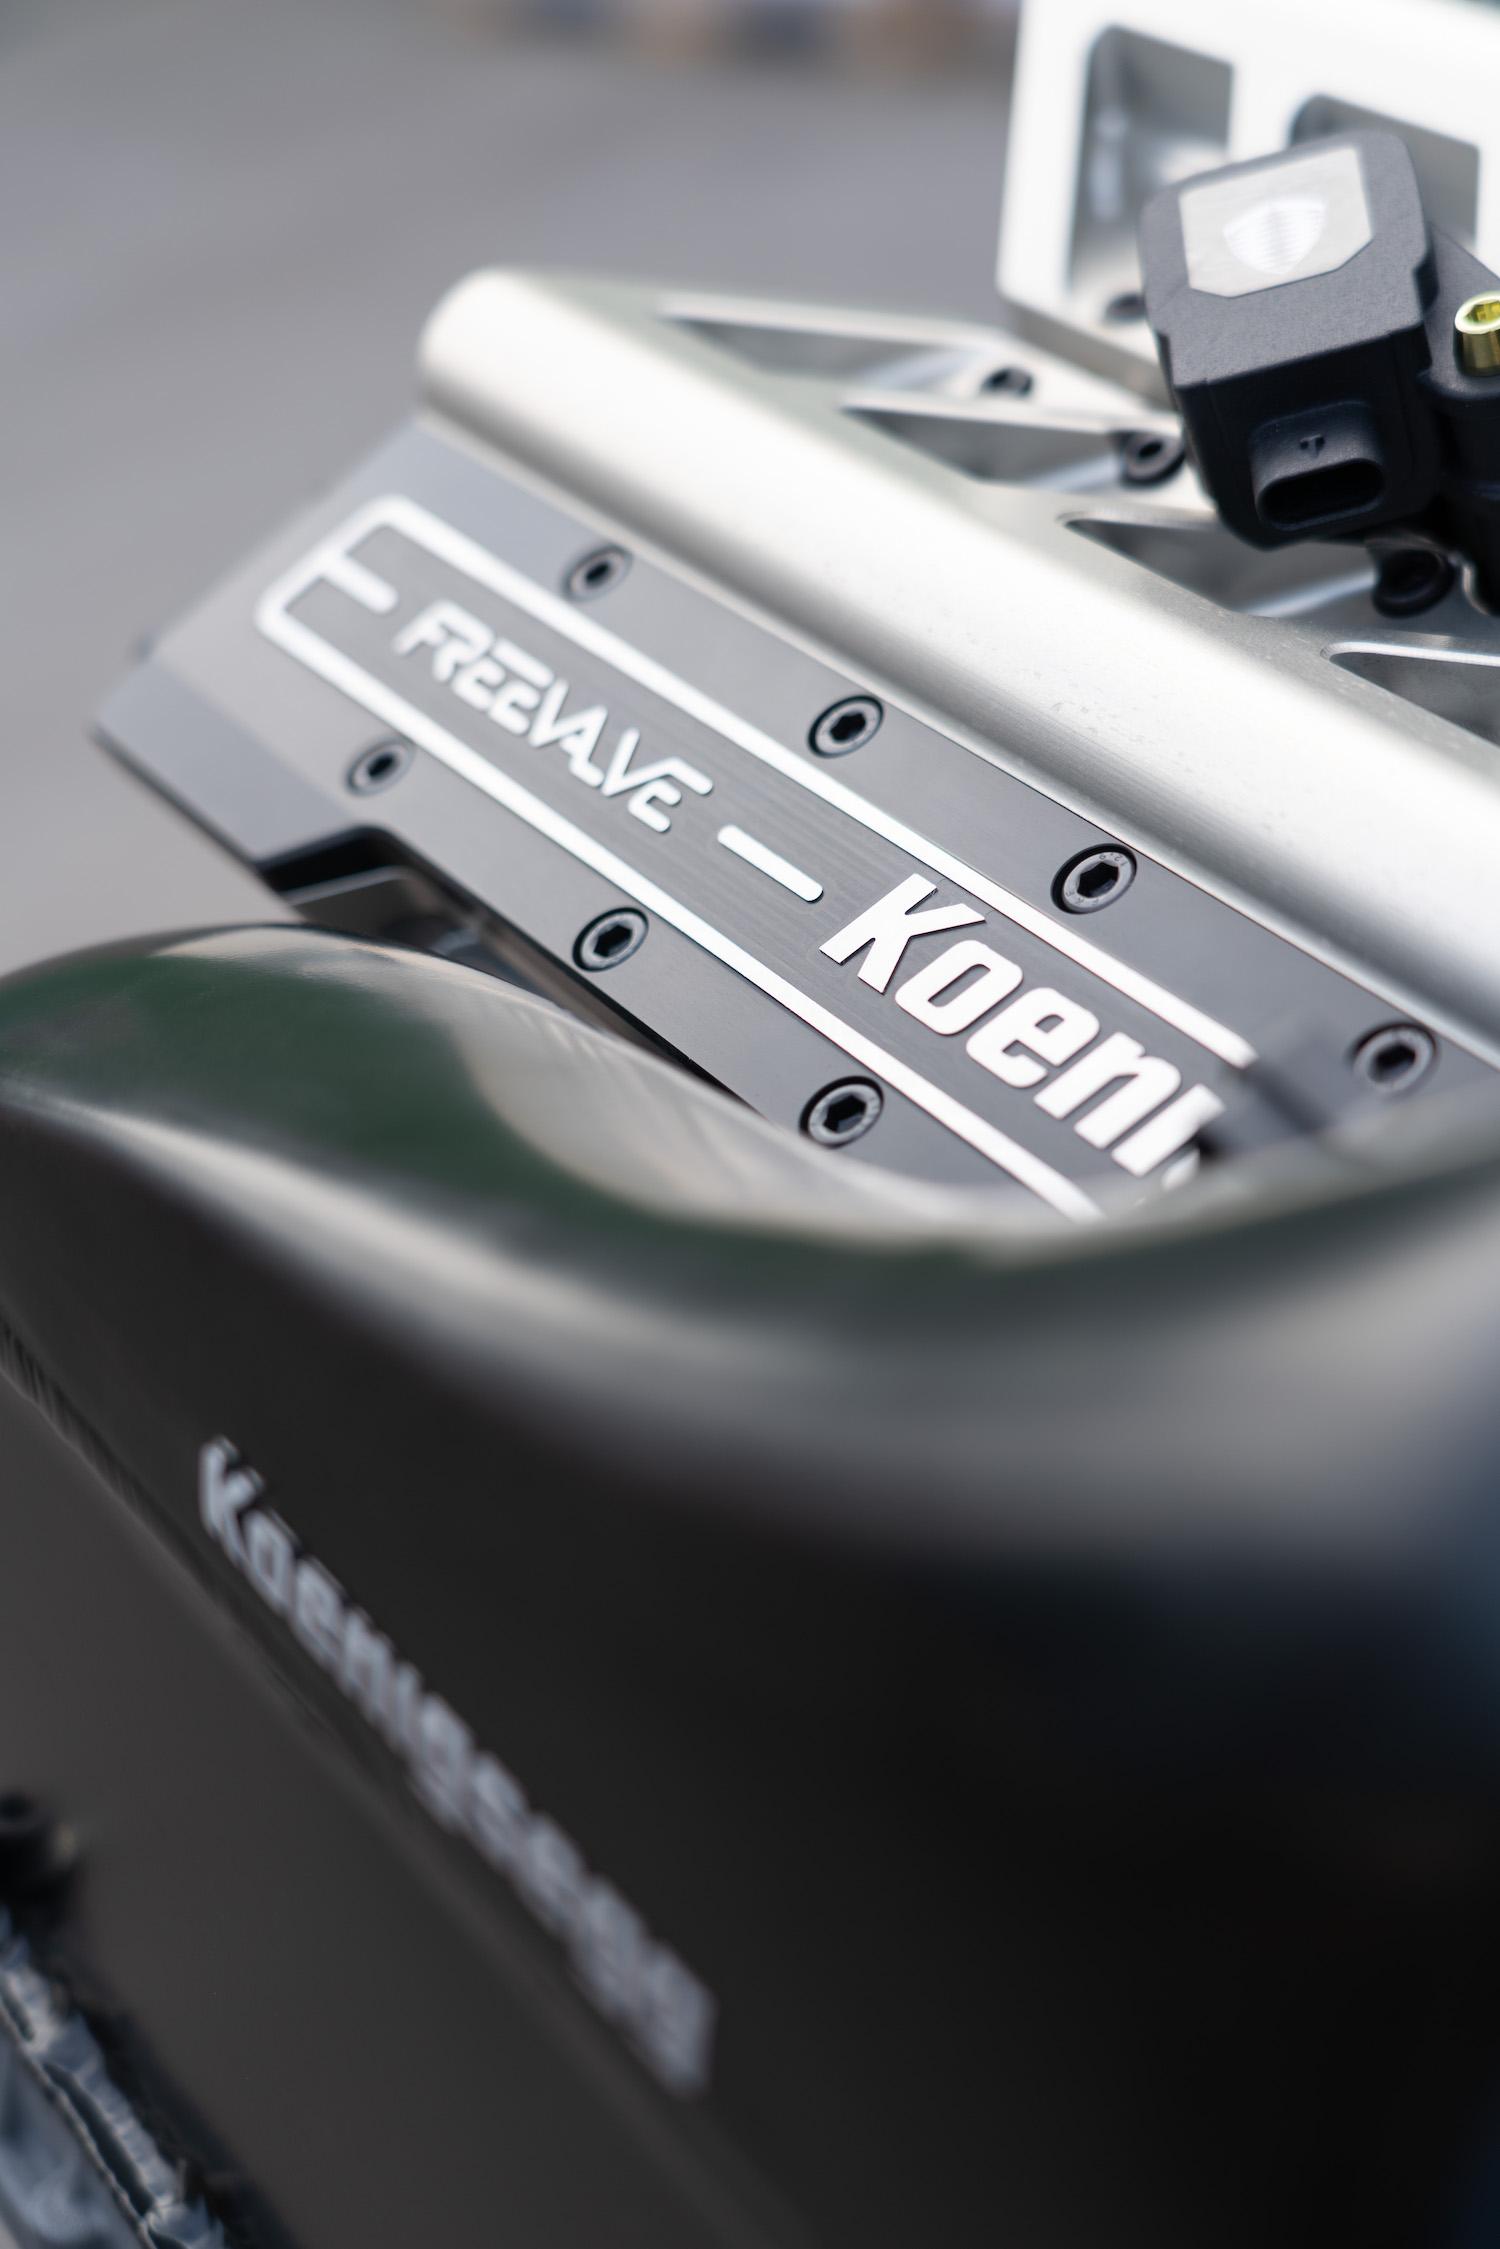 Koenigsegg engine cover closeup